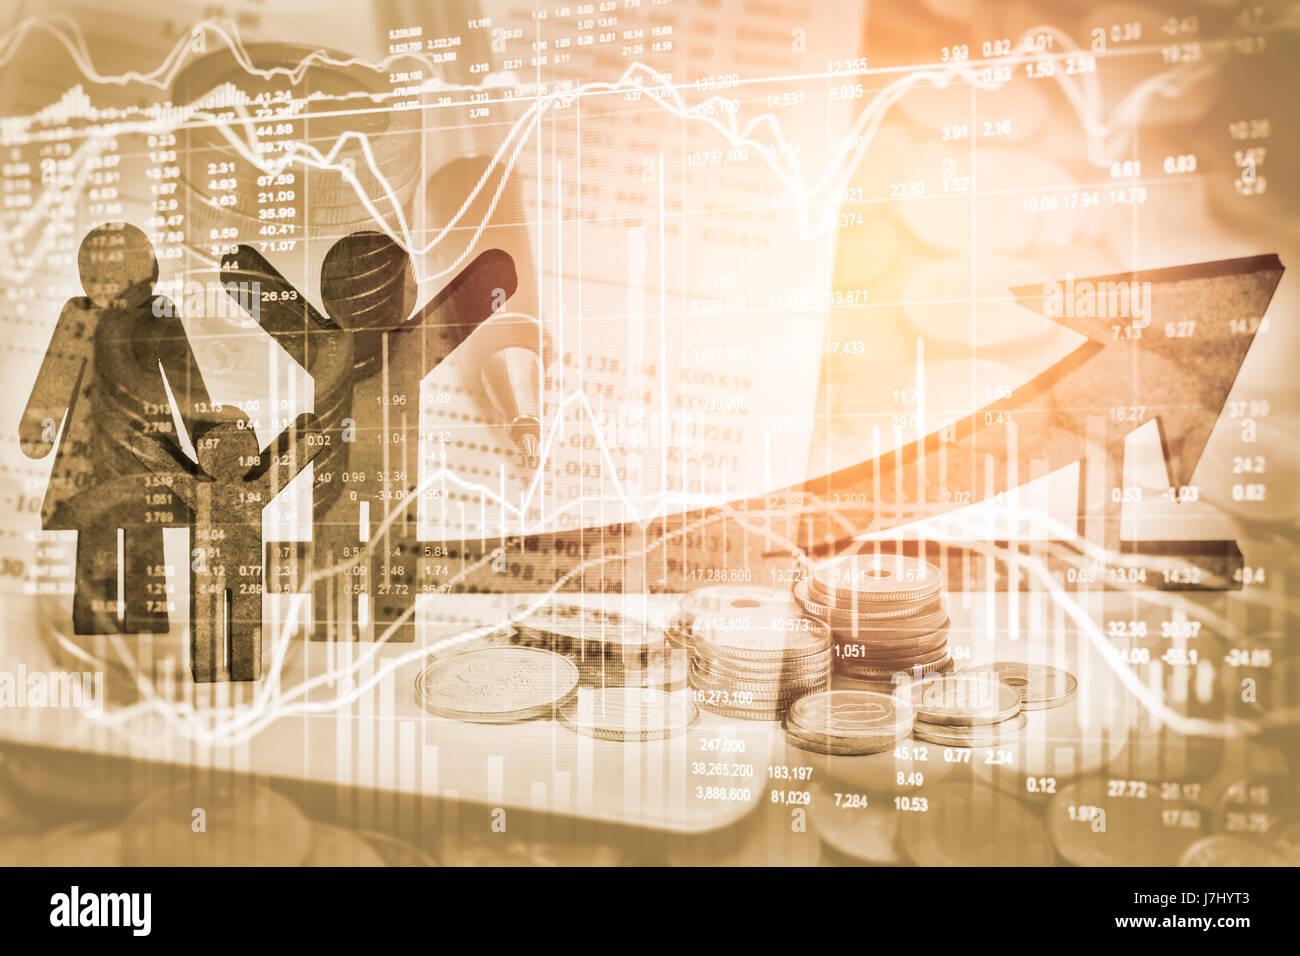 Doppelte Belichtung Geschäft Requisiten auf Lager finanzielles Wachstum. Wirtschaft wieder verdienen Konzept. Stockbild